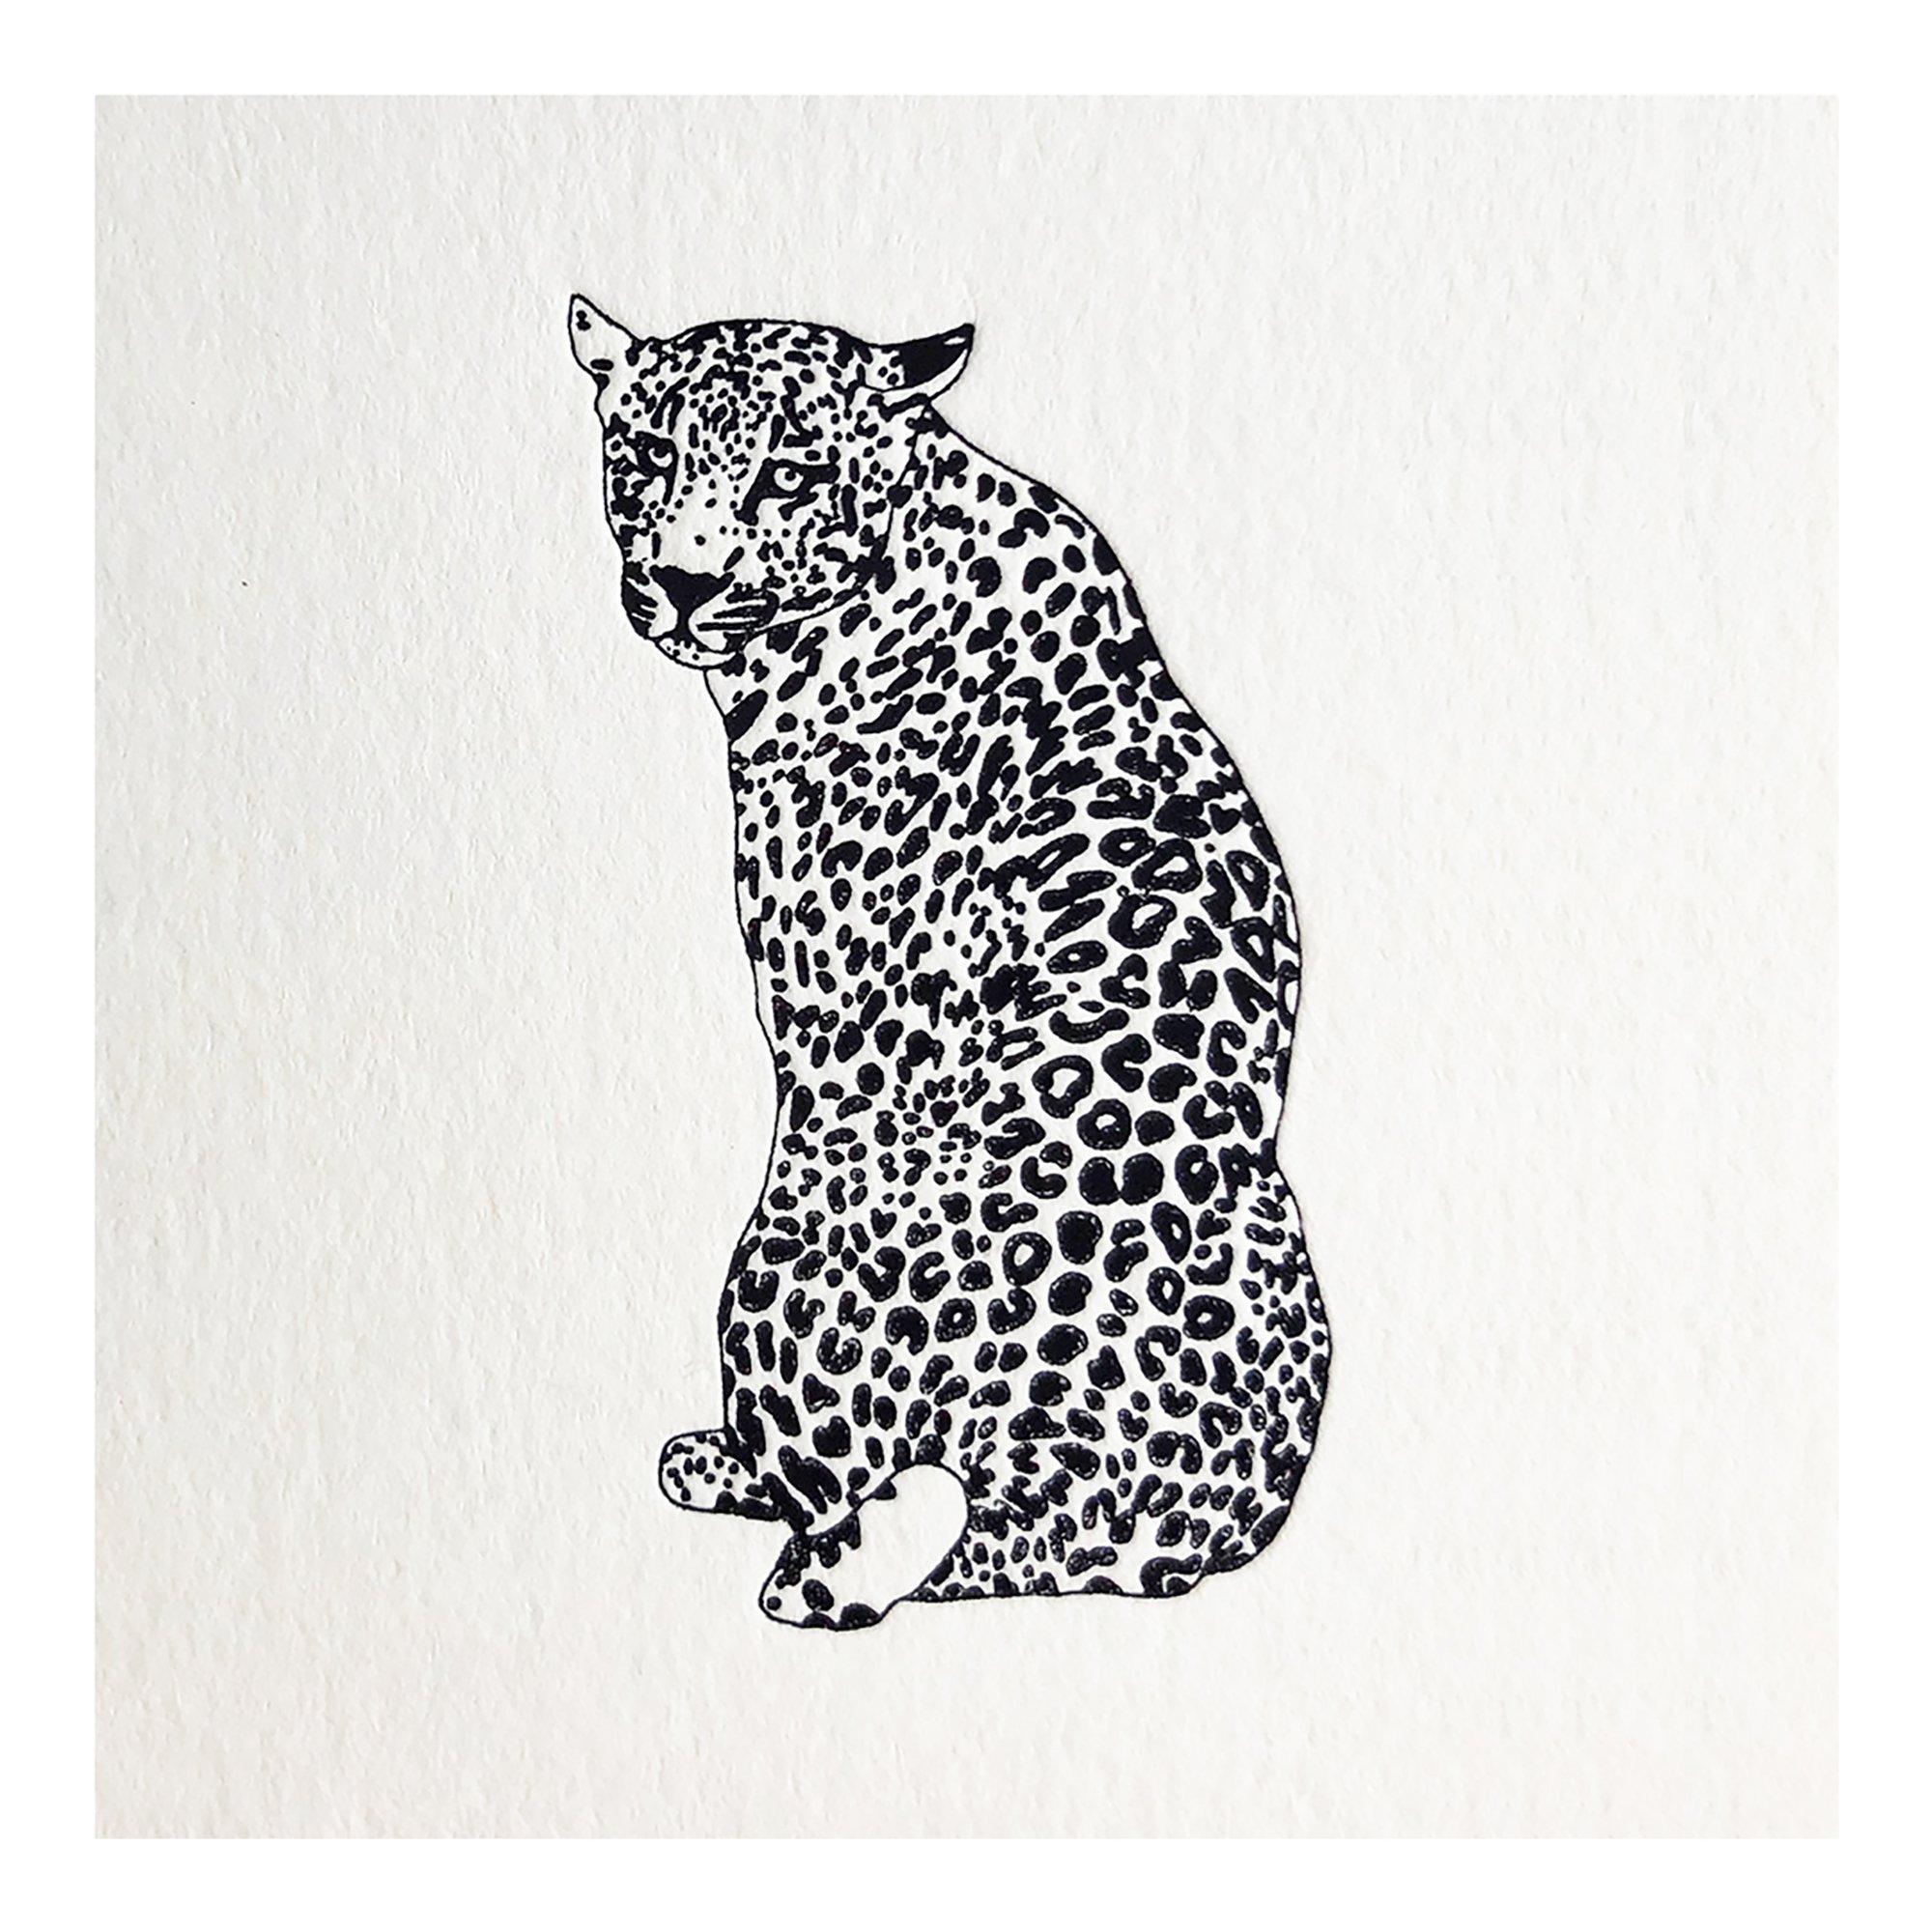 leopard_illos_2000x2000